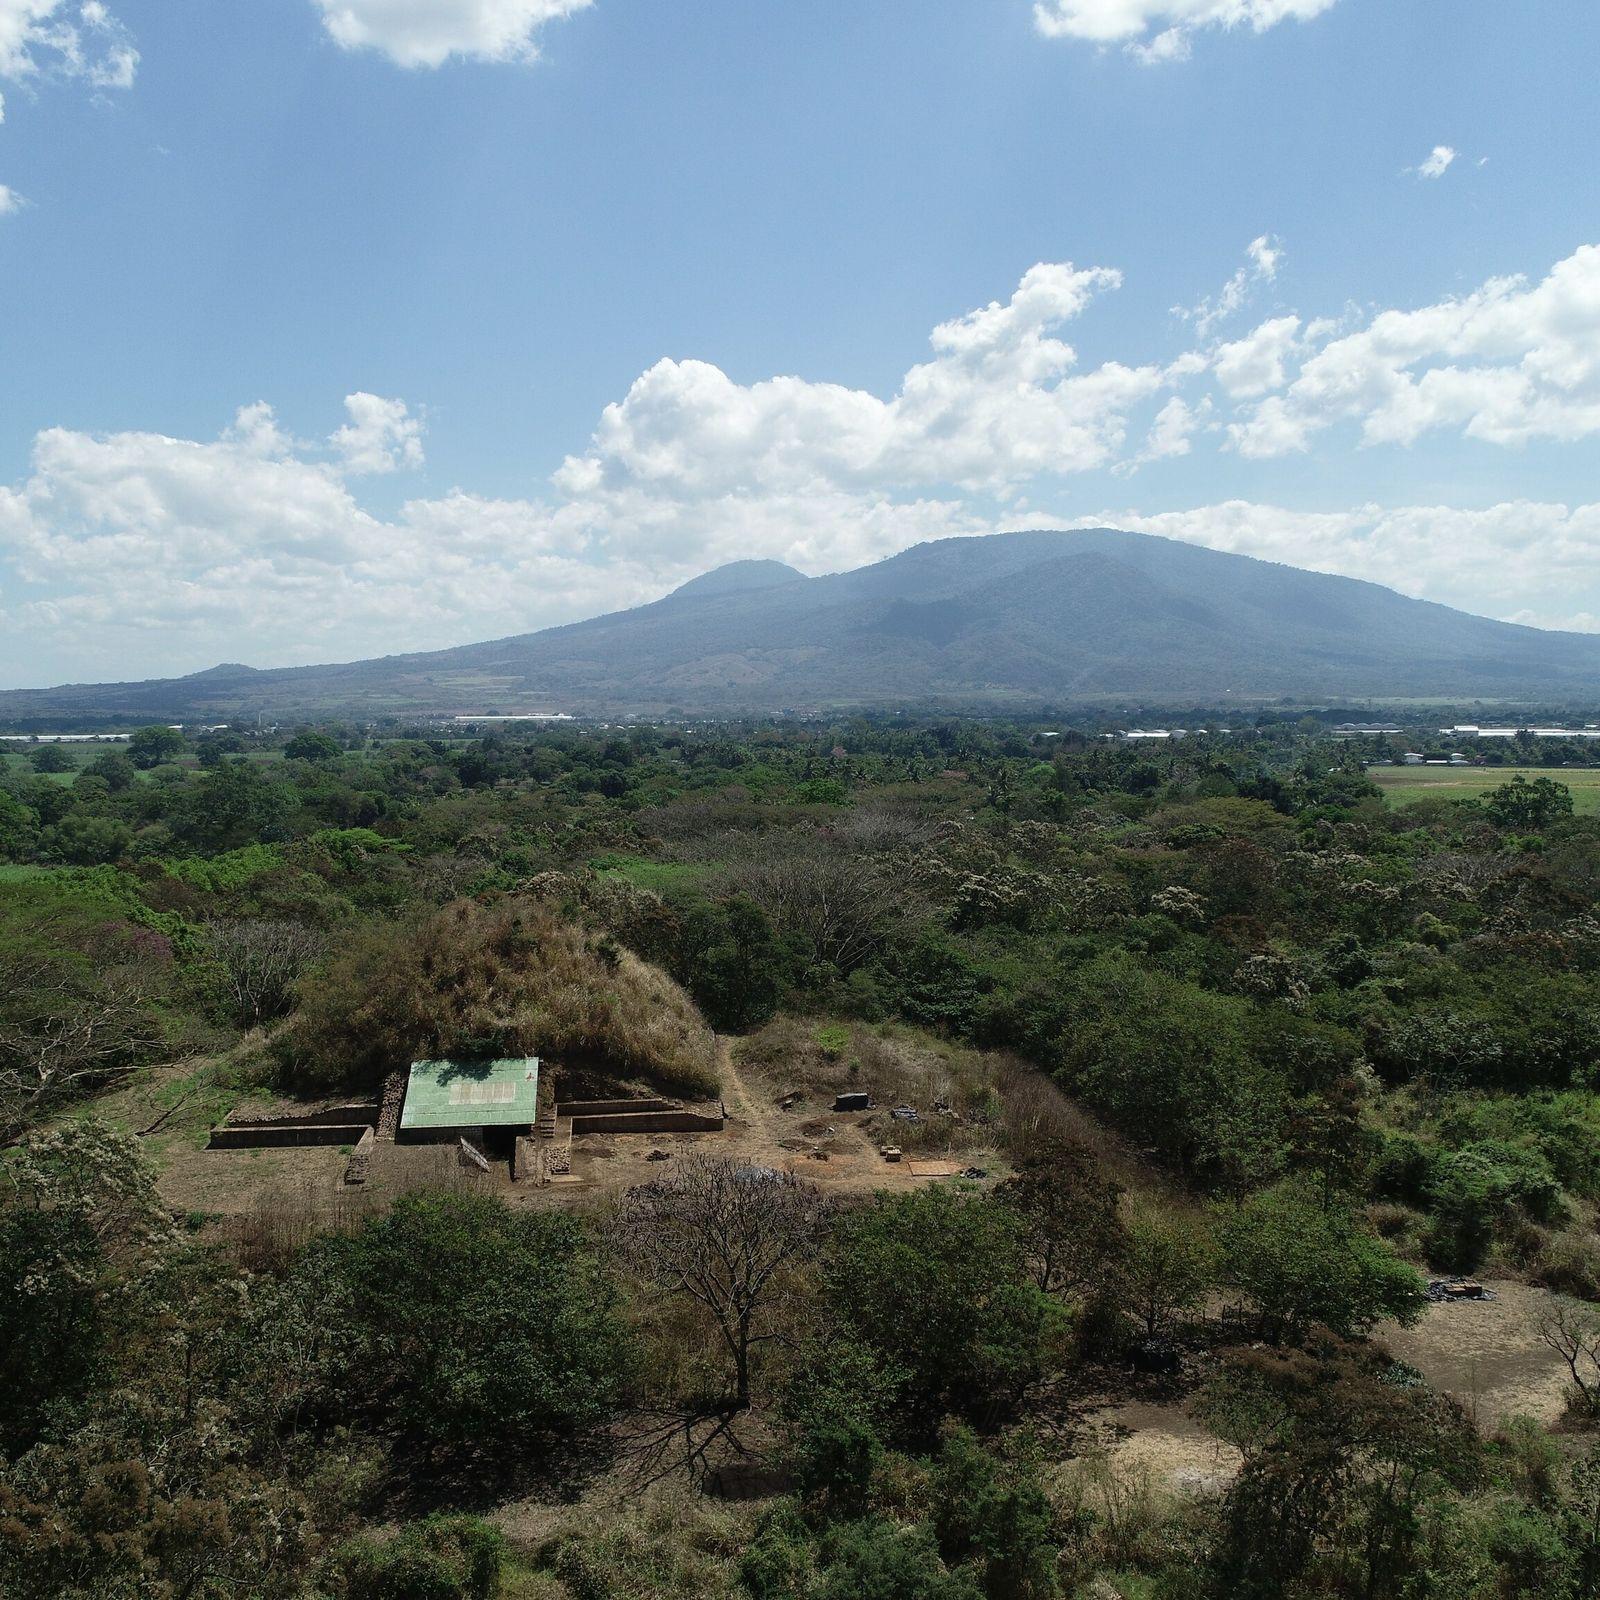 Ausgrabungen an einer Maya-Stätte in El Salvador